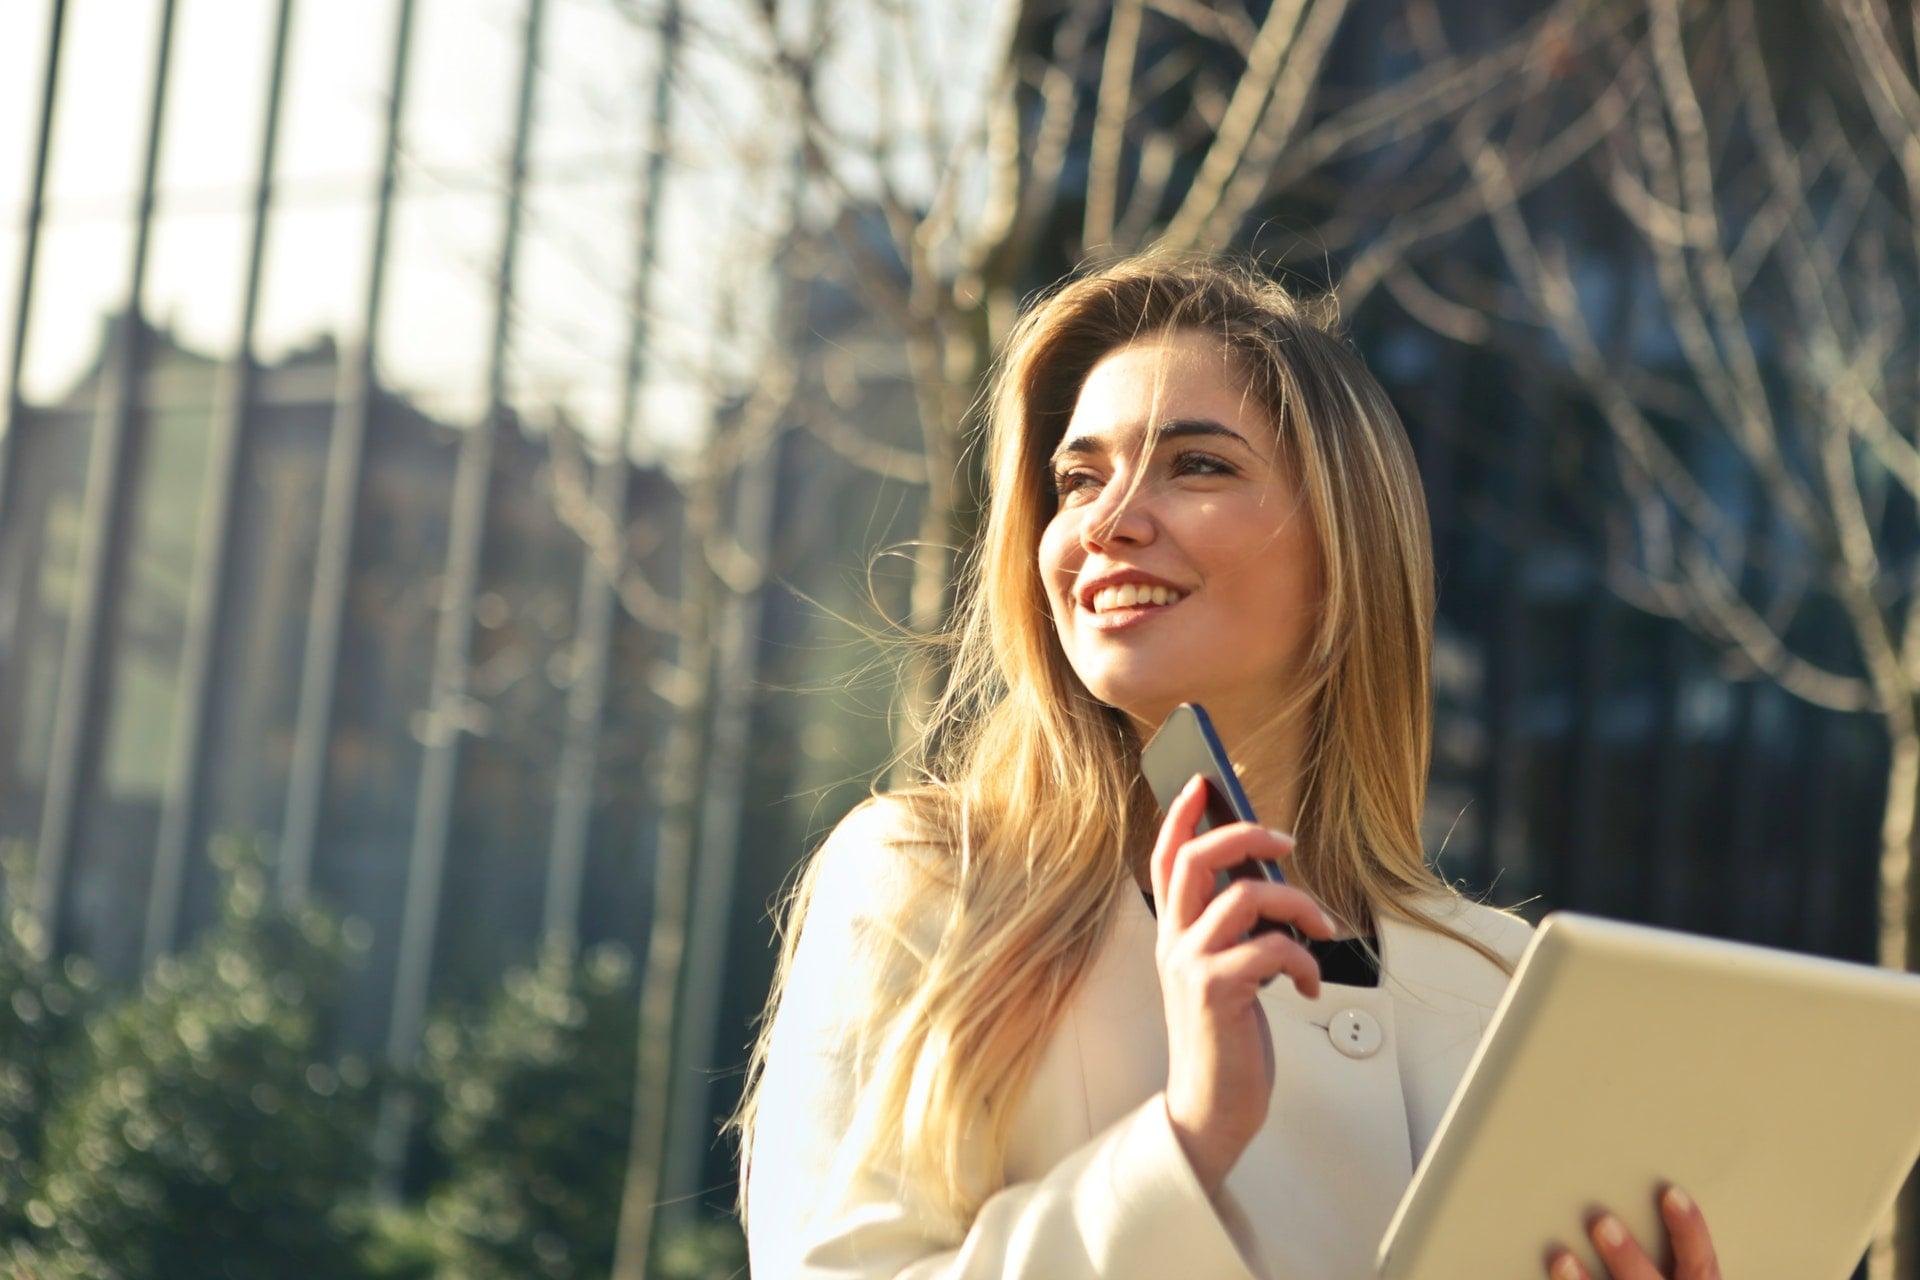 Happy Marketing Manager – SOS Creativity